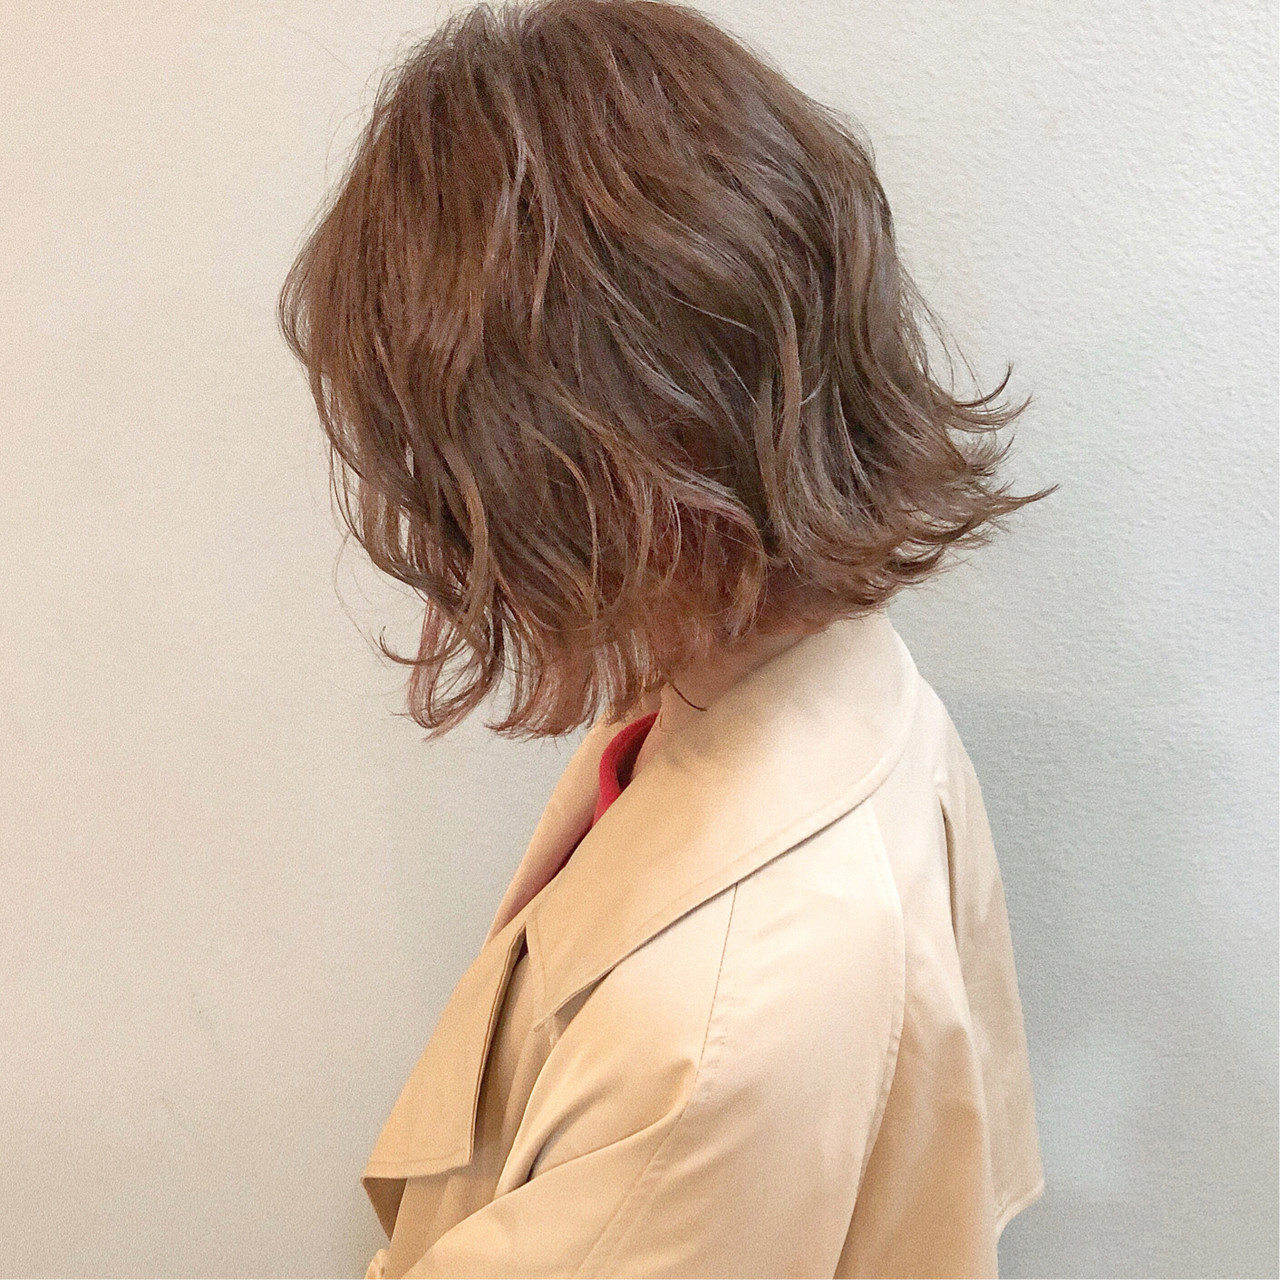 結婚式 ナチュラル 簡単ヘアアレンジ デート ヘアスタイルや髪型の写真・画像 | 『ボブ美容師』永田邦彦 表参道 / send by HAIR